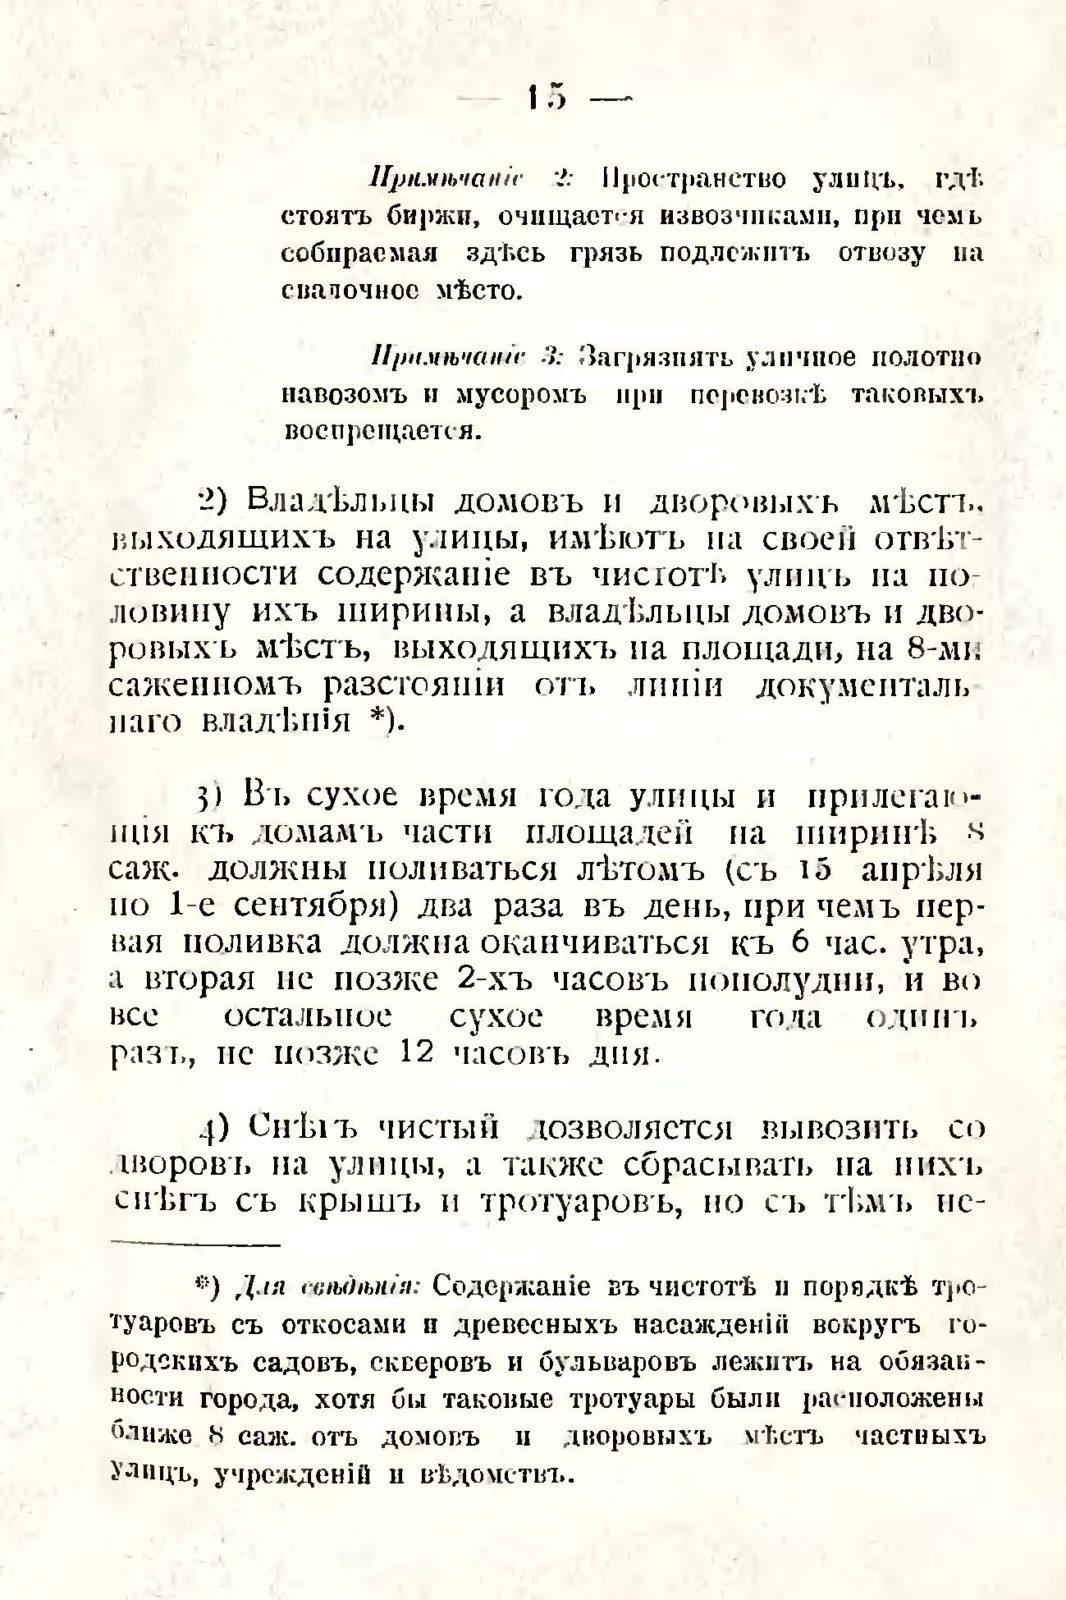 sbornik_obyazatelnyh_postanovlenii_tashkentskoi_gorodskoi_du_19